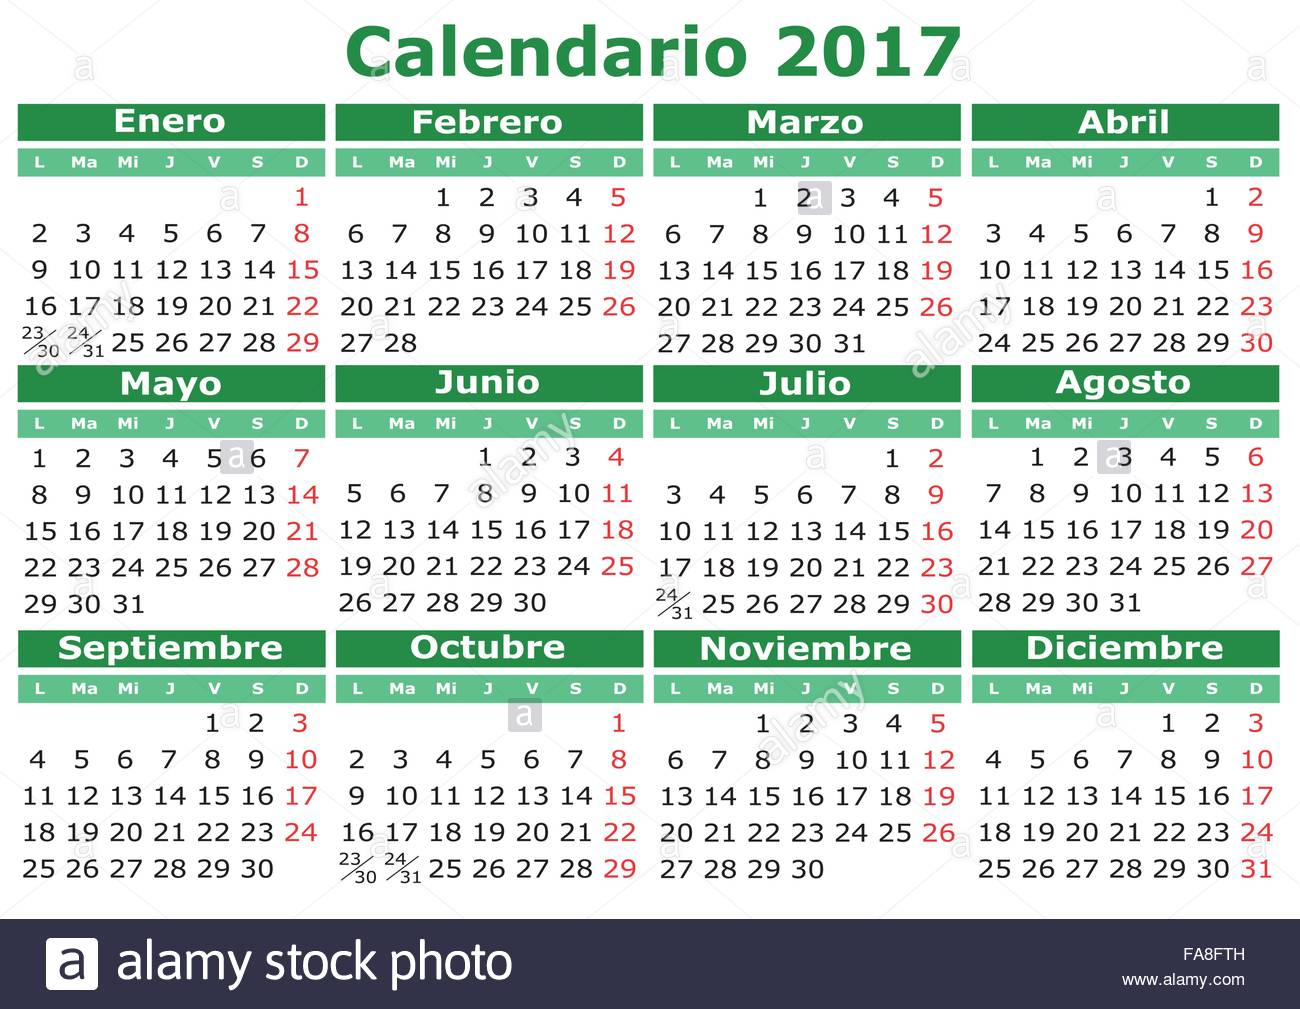 Calendario Vectorizado.2017 Vector Calendar In Spanish Easy For Edit And Apply